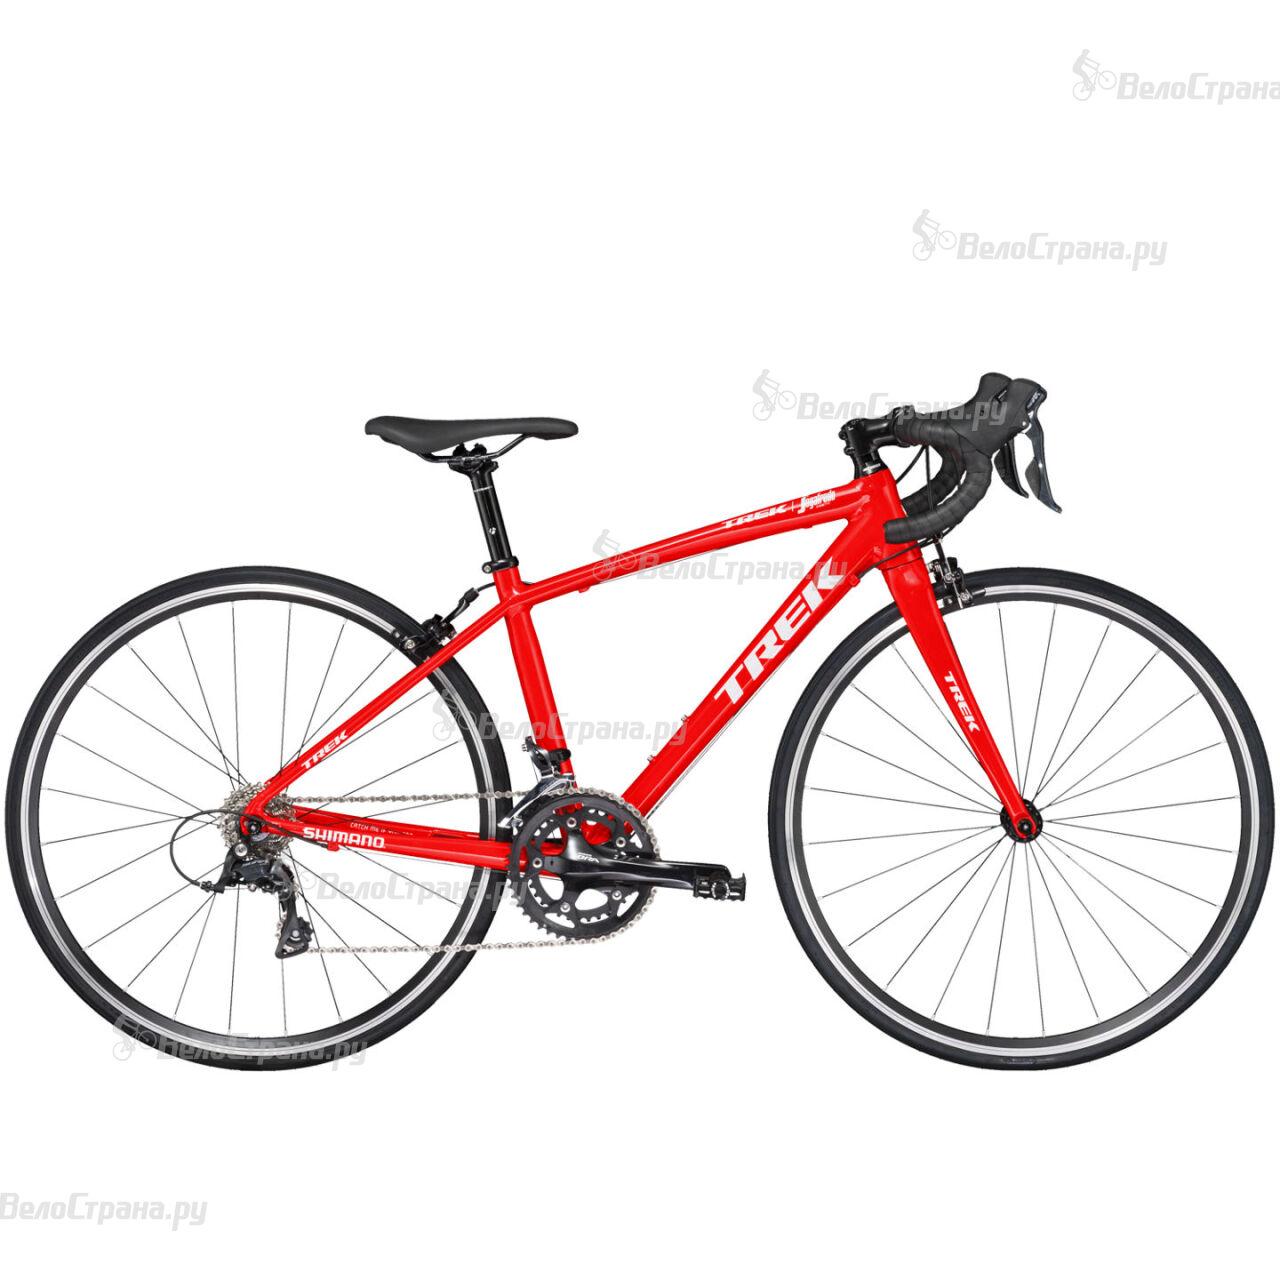 Велосипед Trek EMONDA 650 (2017) велосипед trek emonda s 4 2015